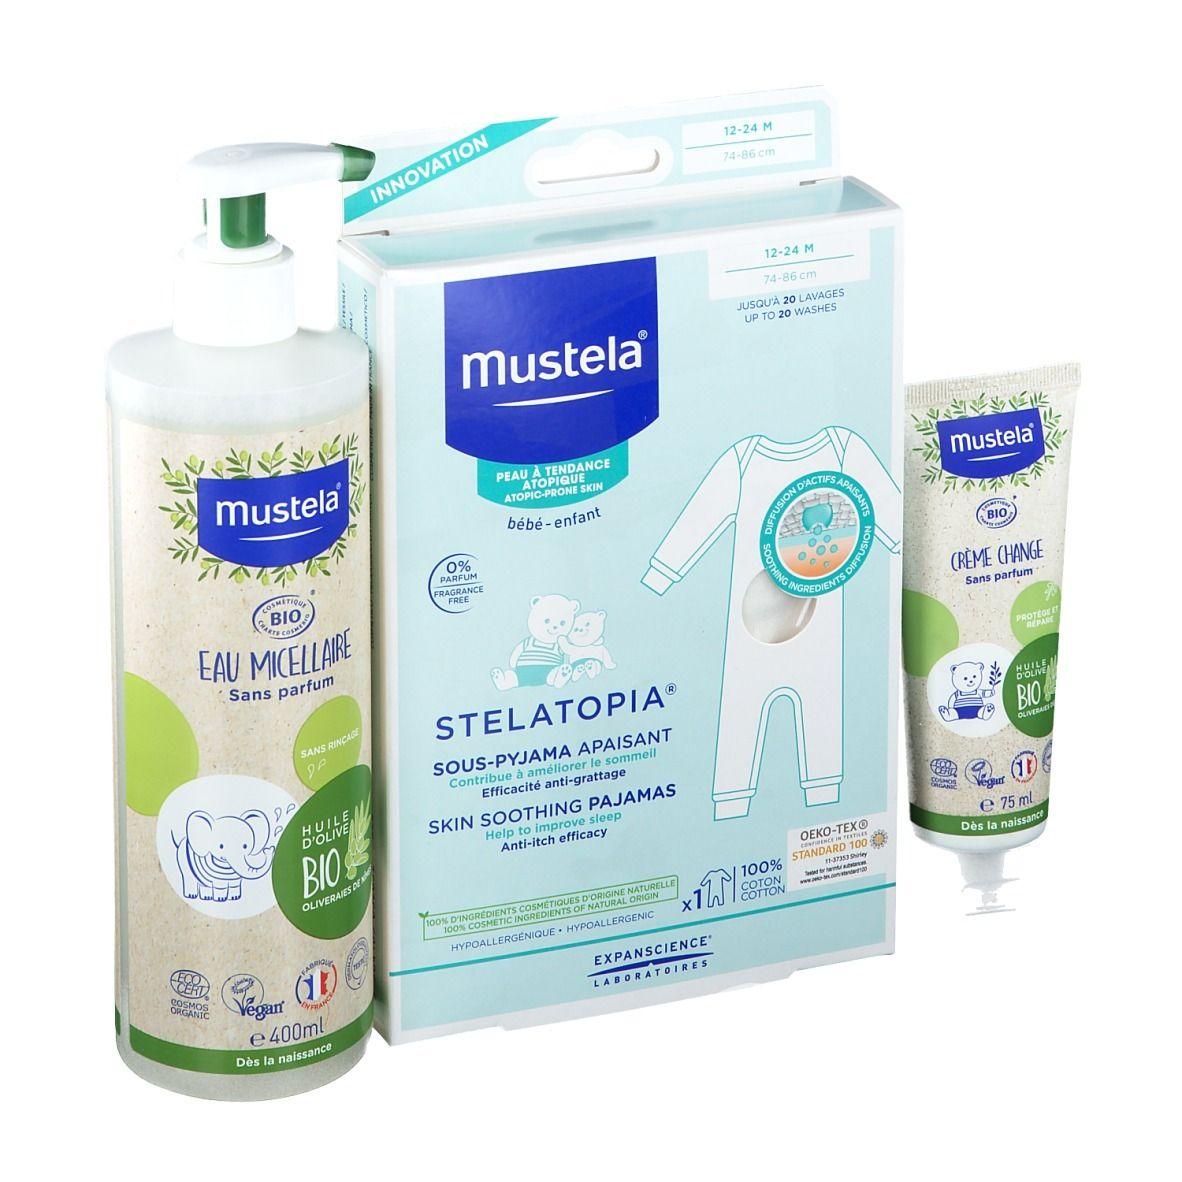 Mustela® Crème Change, Bio Eau Micellaire et Pyjama 12-24 mois